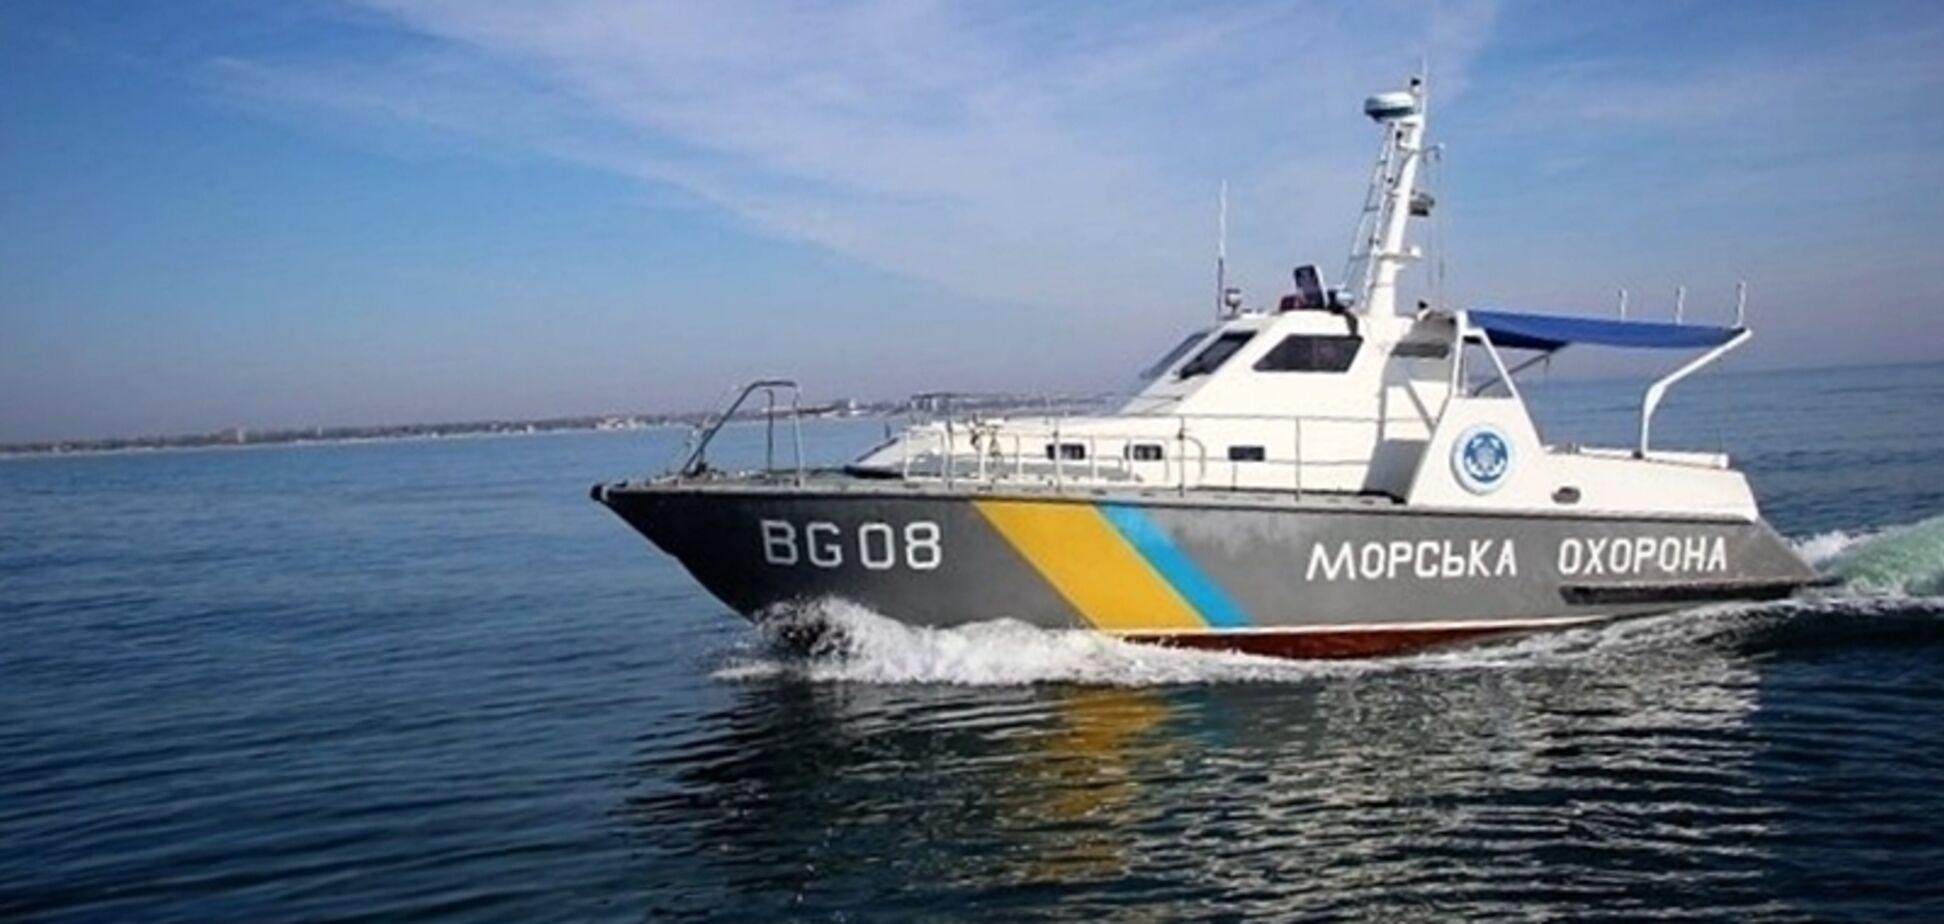 Украина направит в Азовское море военные корабли: названа причина